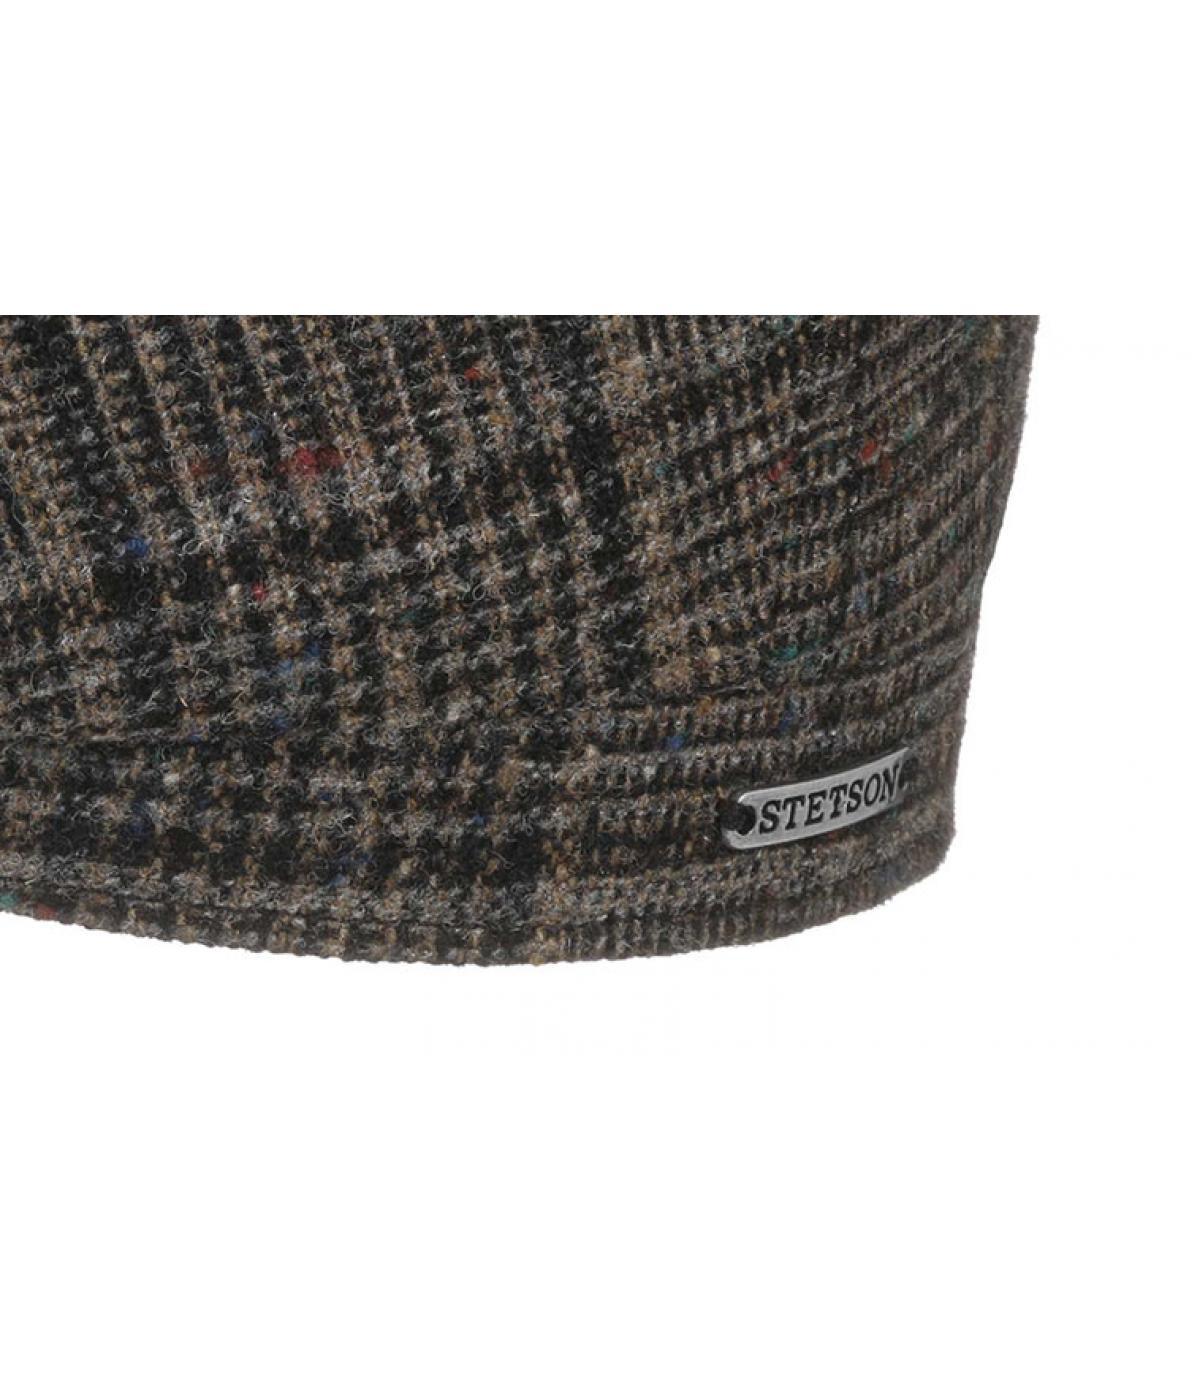 Dettagli Hatteras Wool brown check - image 3